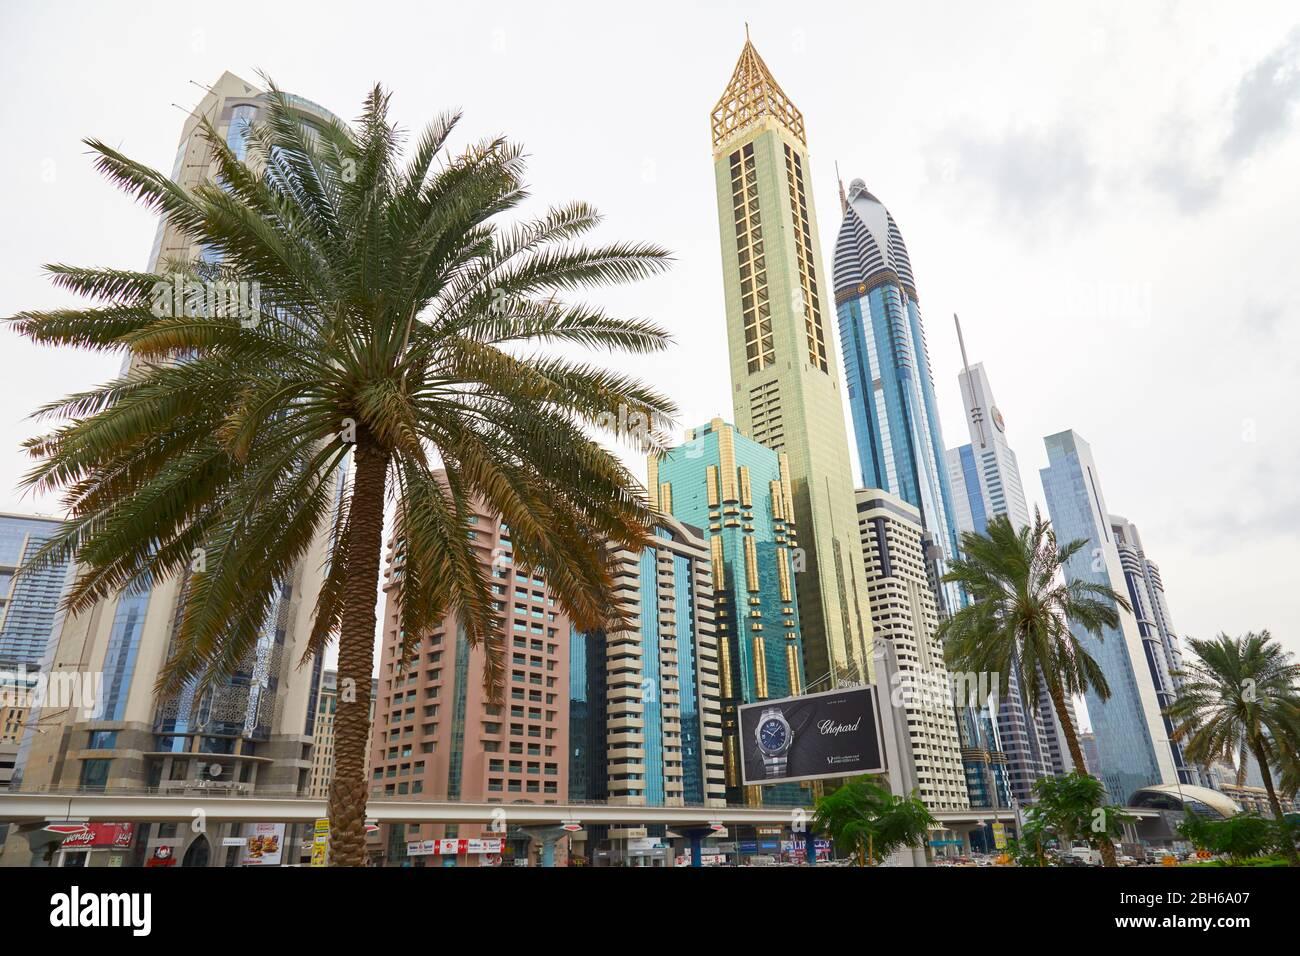 DUBAÏ, EMIRATS ARABES UNIS - 21 NOVEMBRE 2019 : vue à angle bas de Sheikh Zayed Road avec gratte-ciel et palmiers à Dubaï Banque D'Images